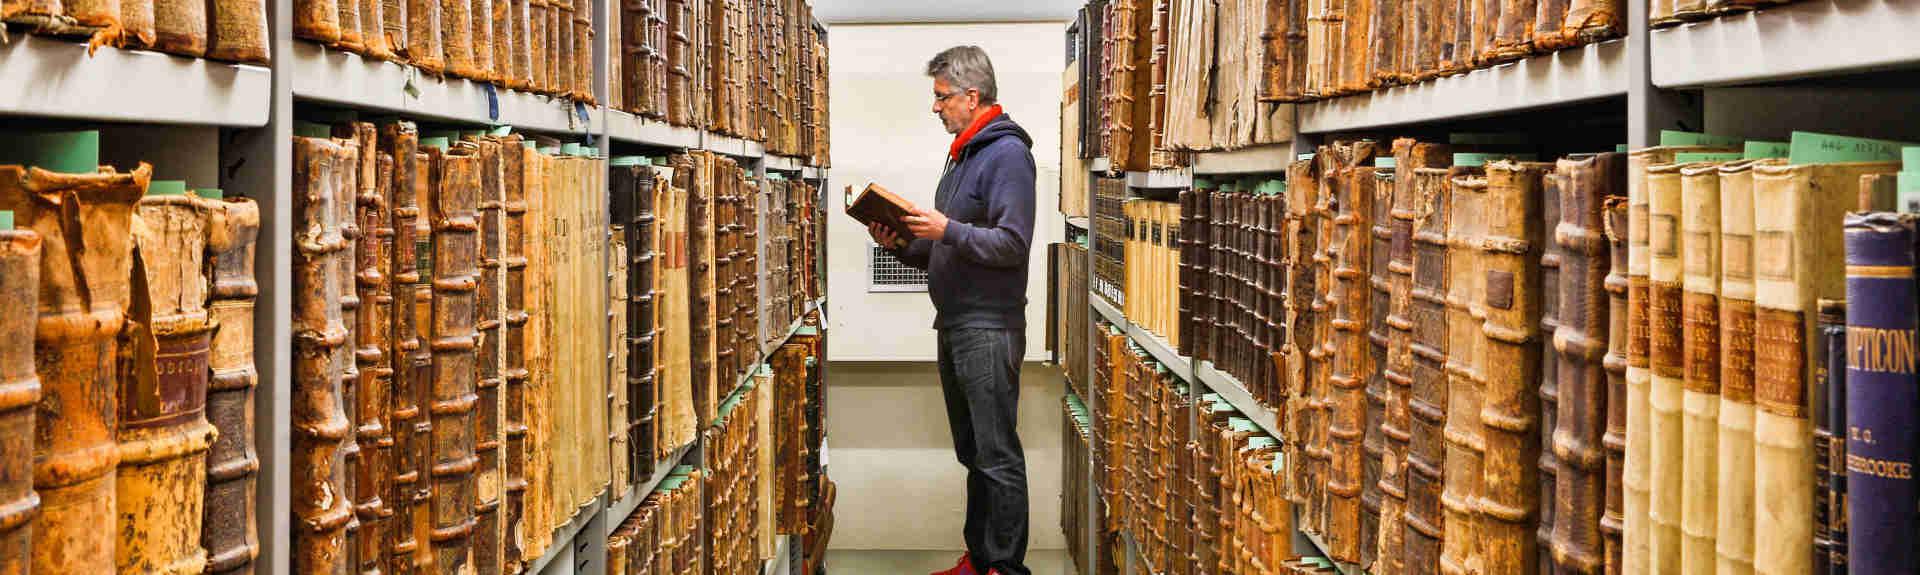 Header homme feuilletant un livre dans une bibliothèque de livres anciens